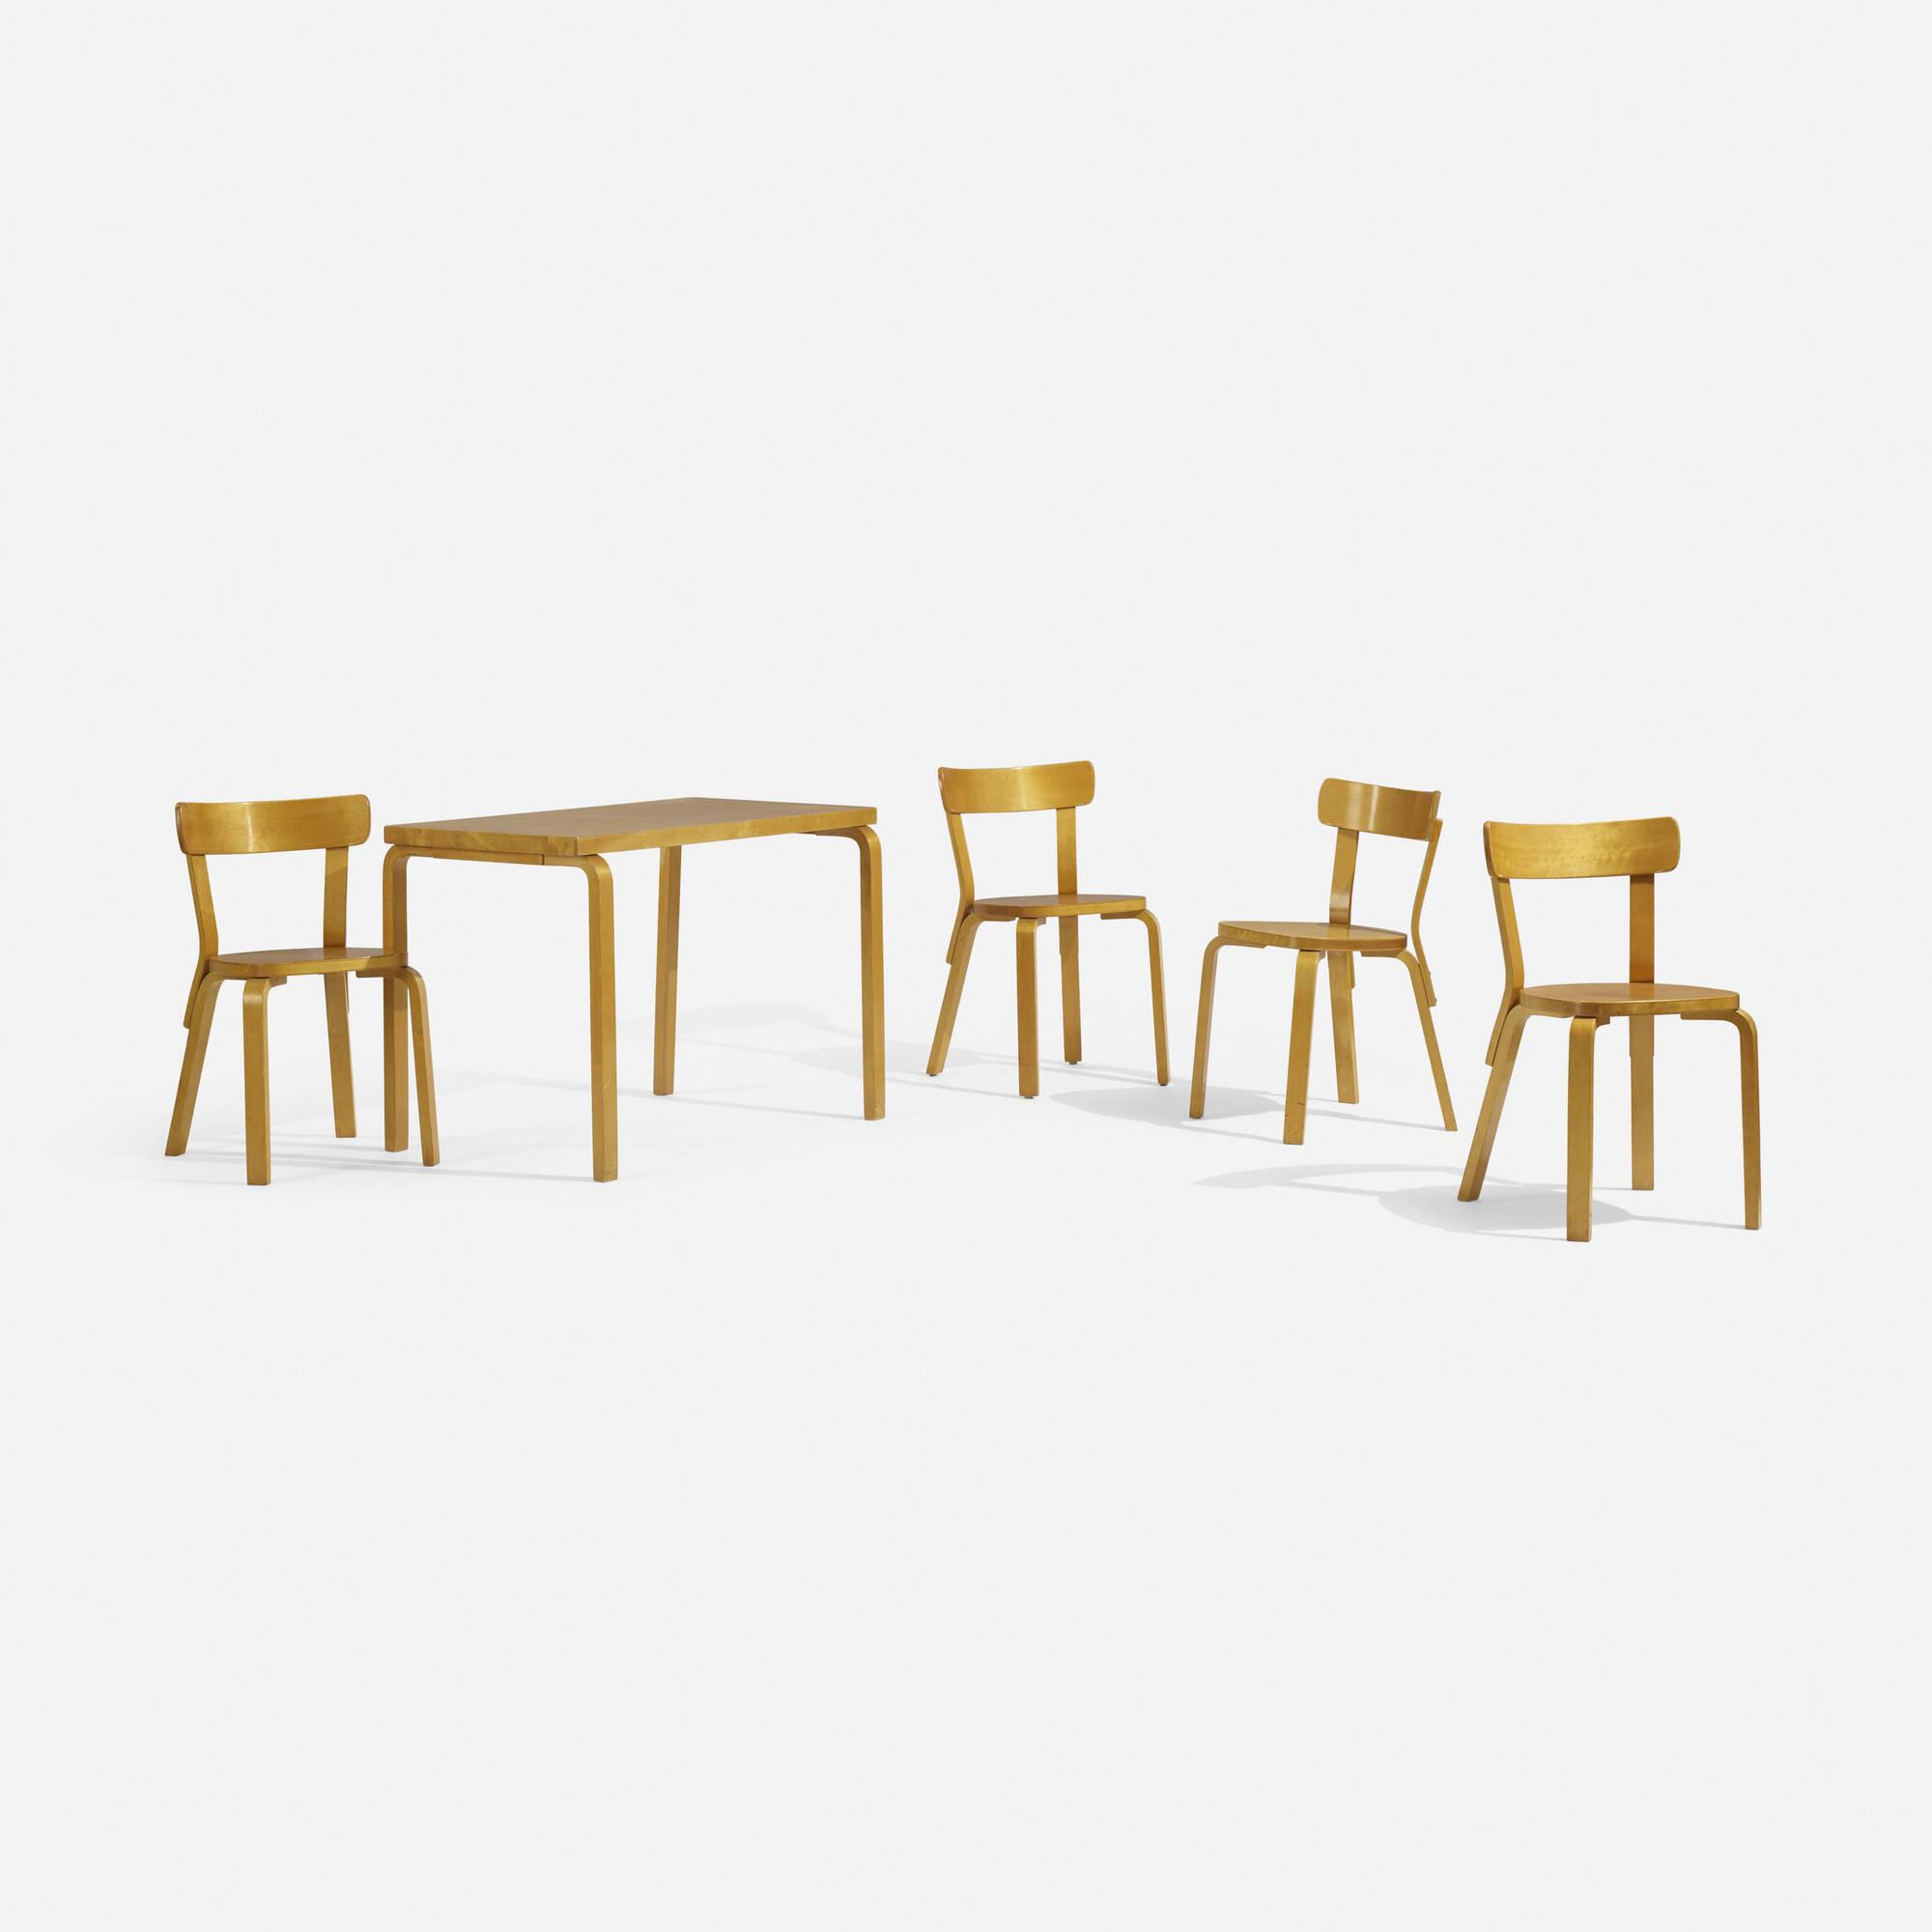 292: Alvar Aalto / L-Leg dining set (1 of 4)